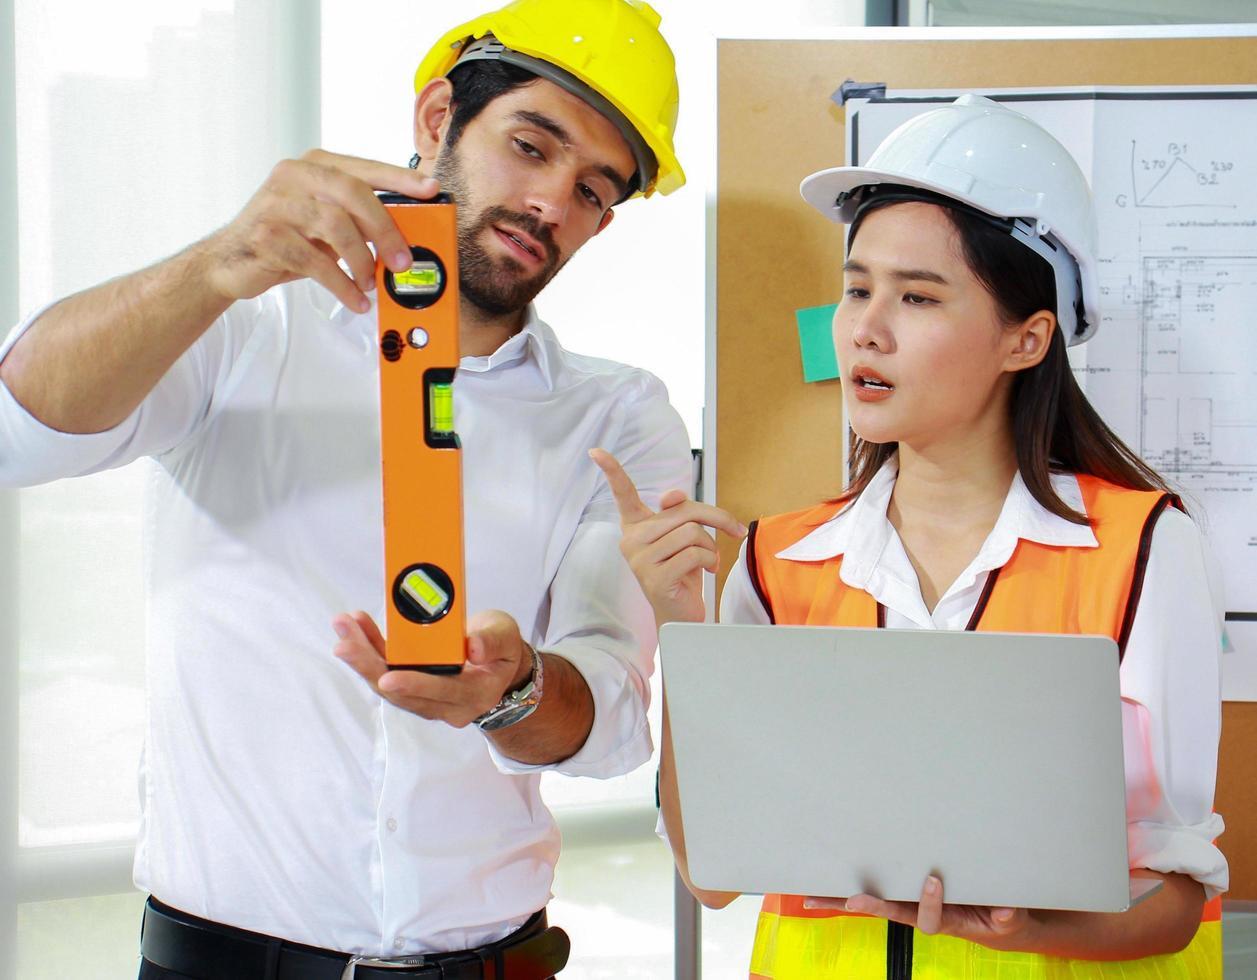 ingenjörer diskuterar projektet medan de håller en bärbar dator foto